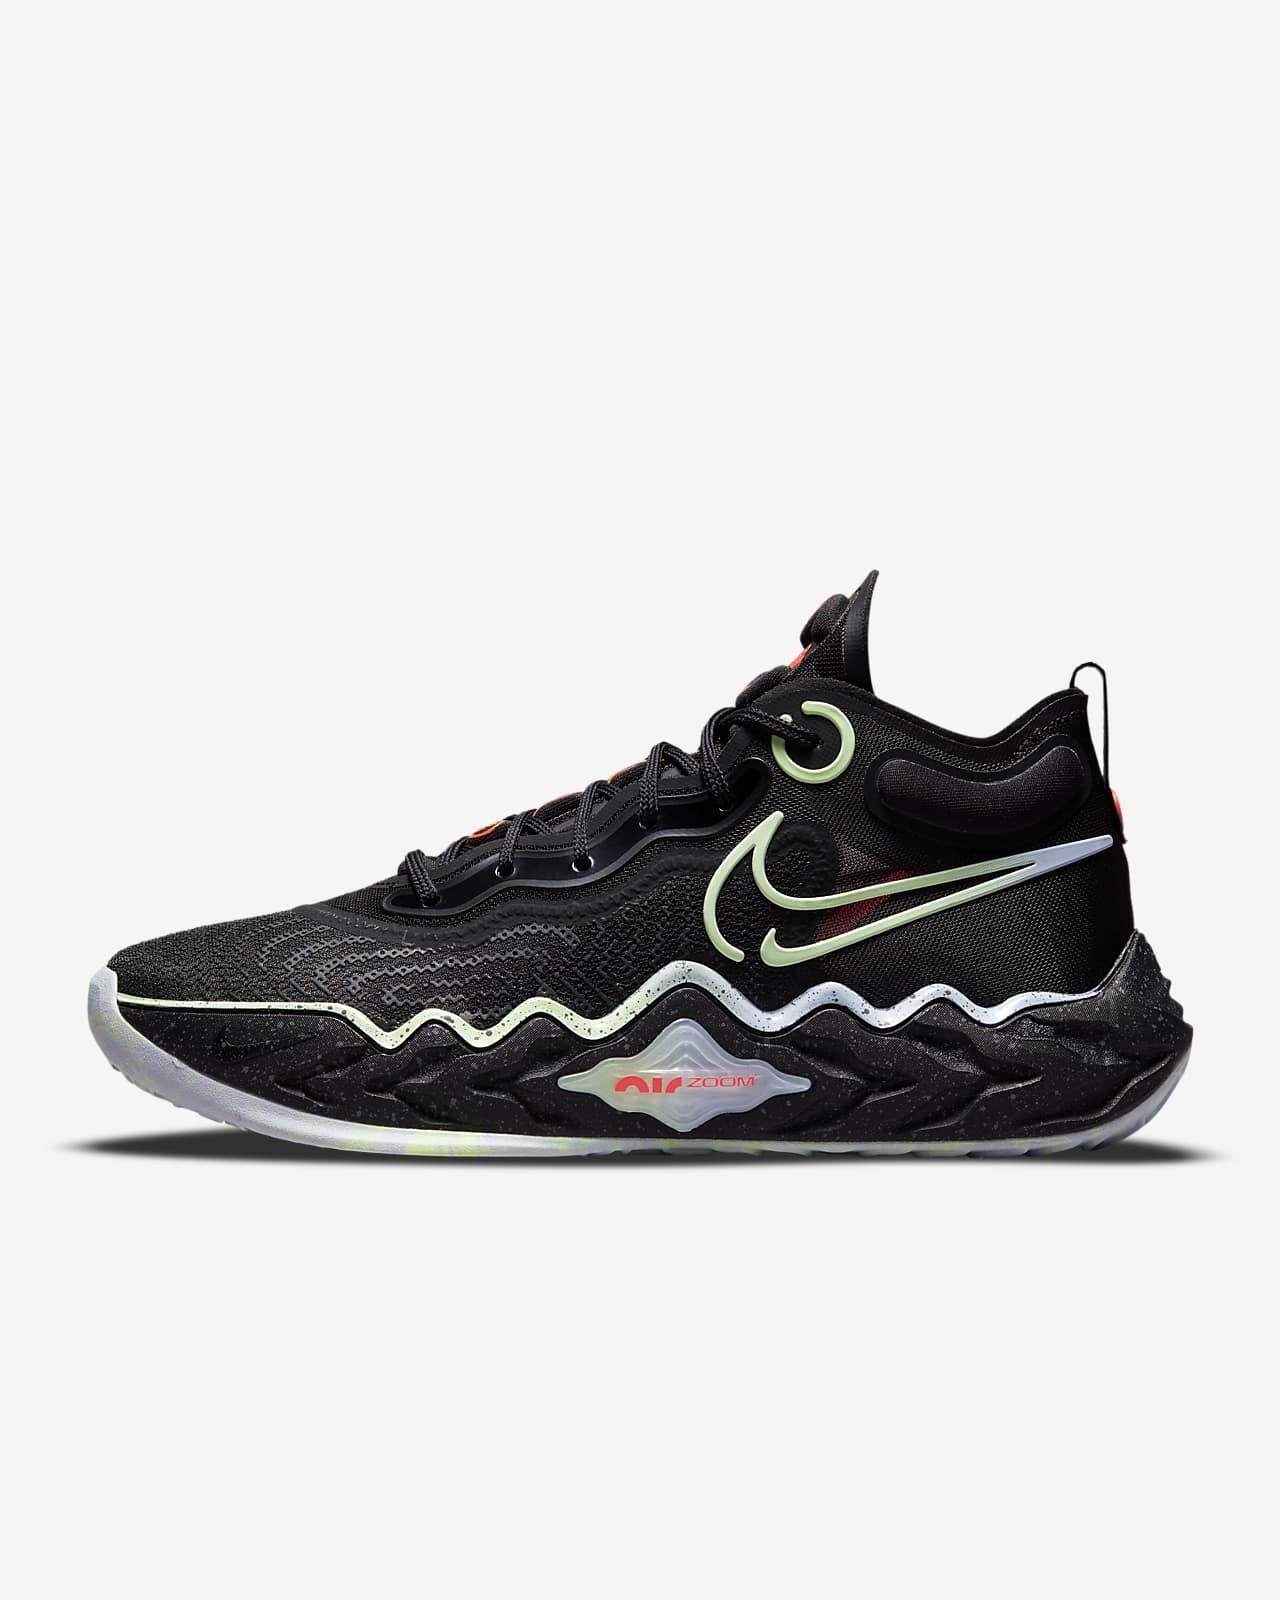 Chaussure de basketball Nike Air Zoom G.T. Run